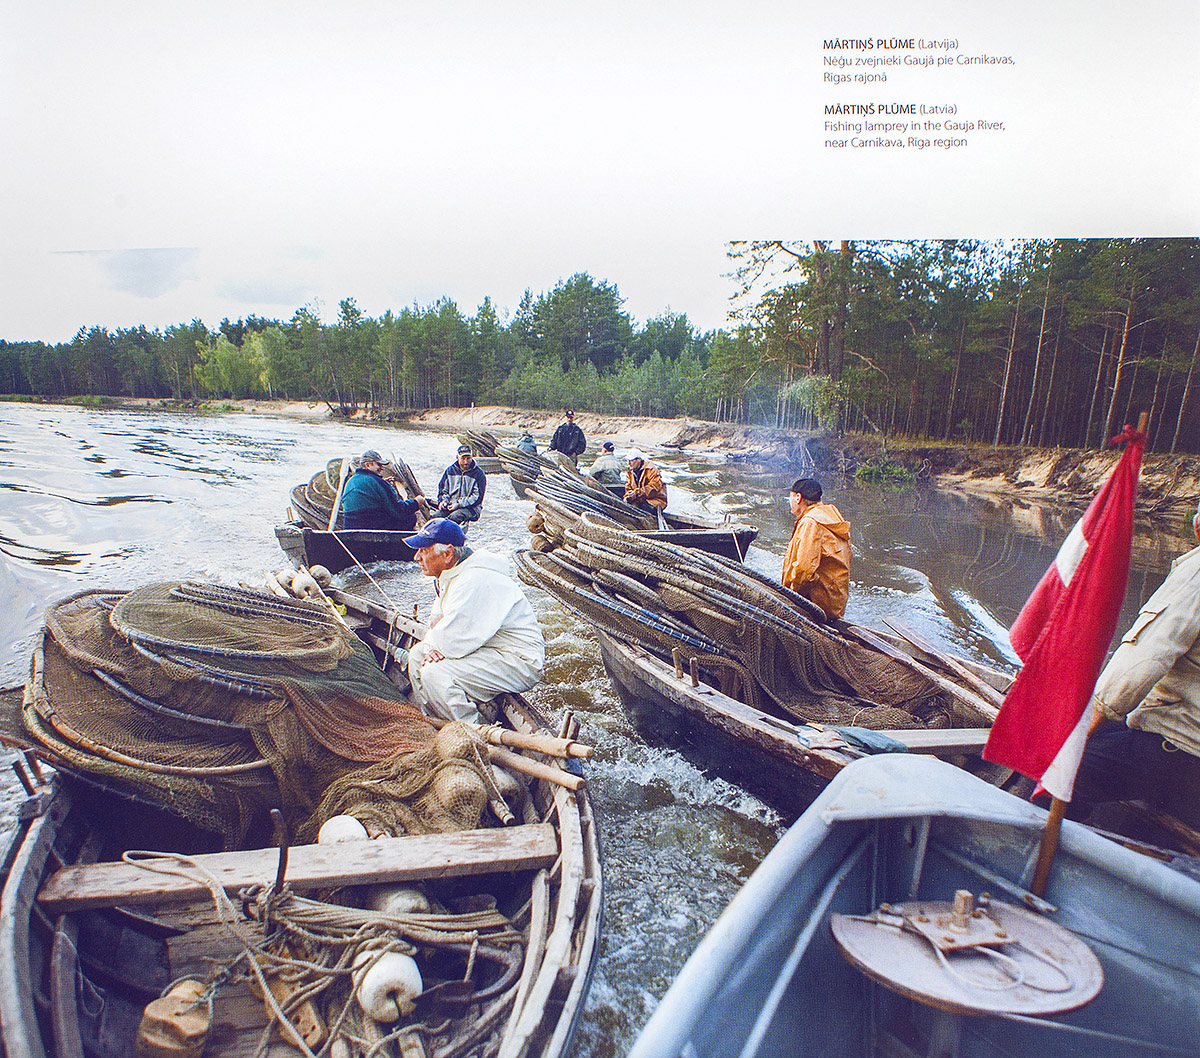 Viena Diena Latvija, 2007, zvejnieku laivas carnikava